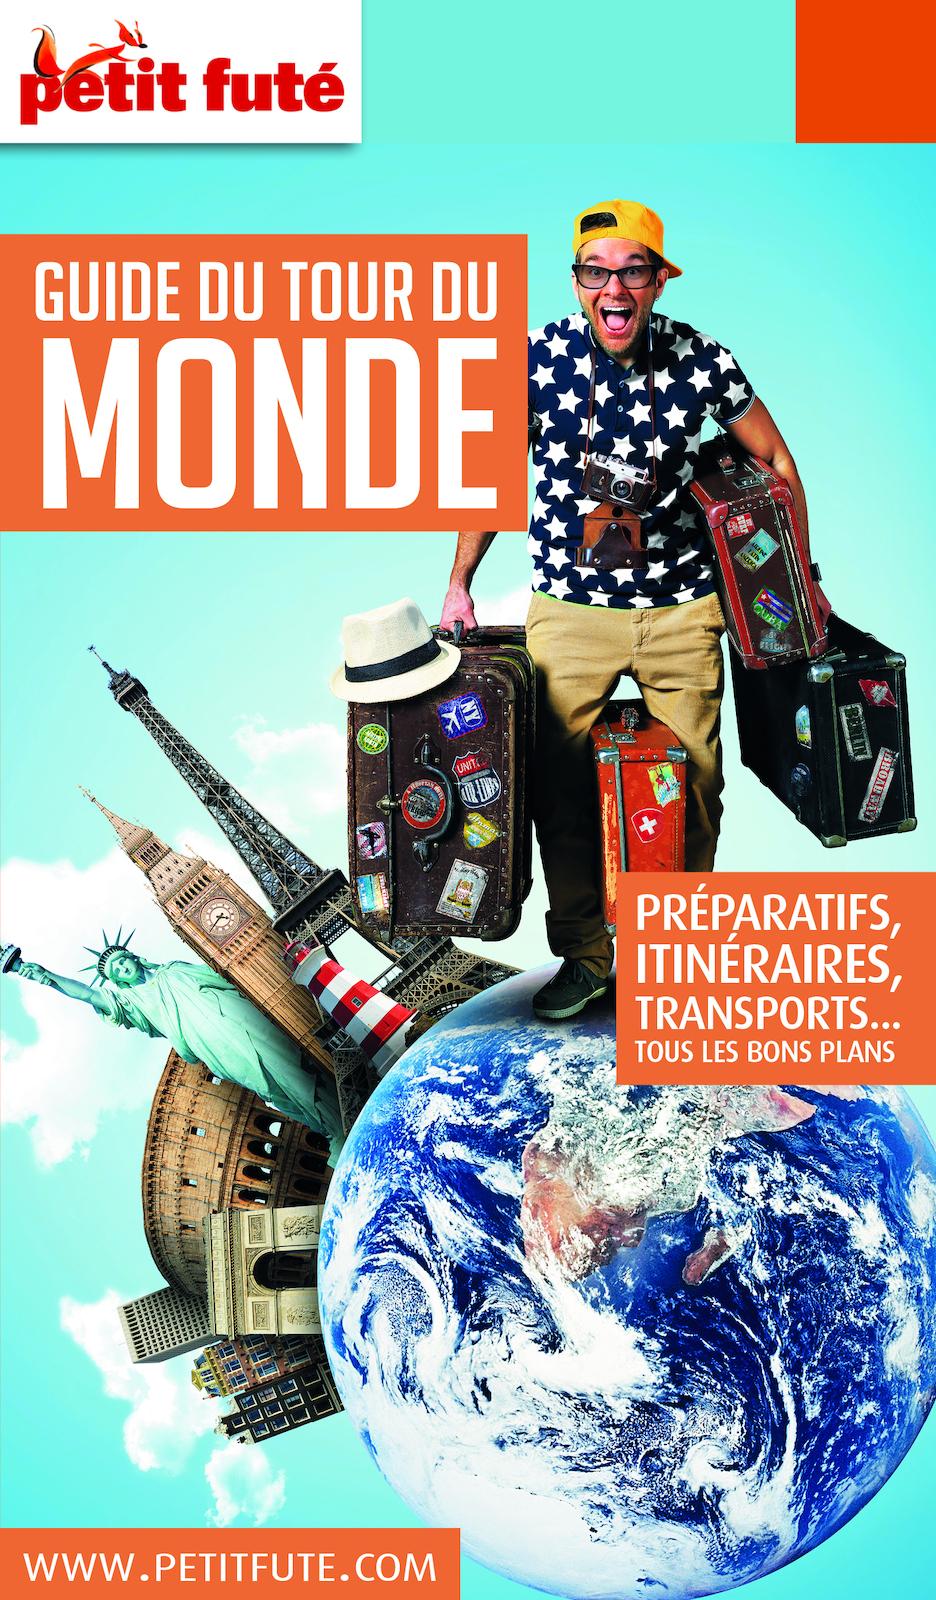 TOUR DU MONDE (GUIDE DU) 2018/2019 Petit Futé